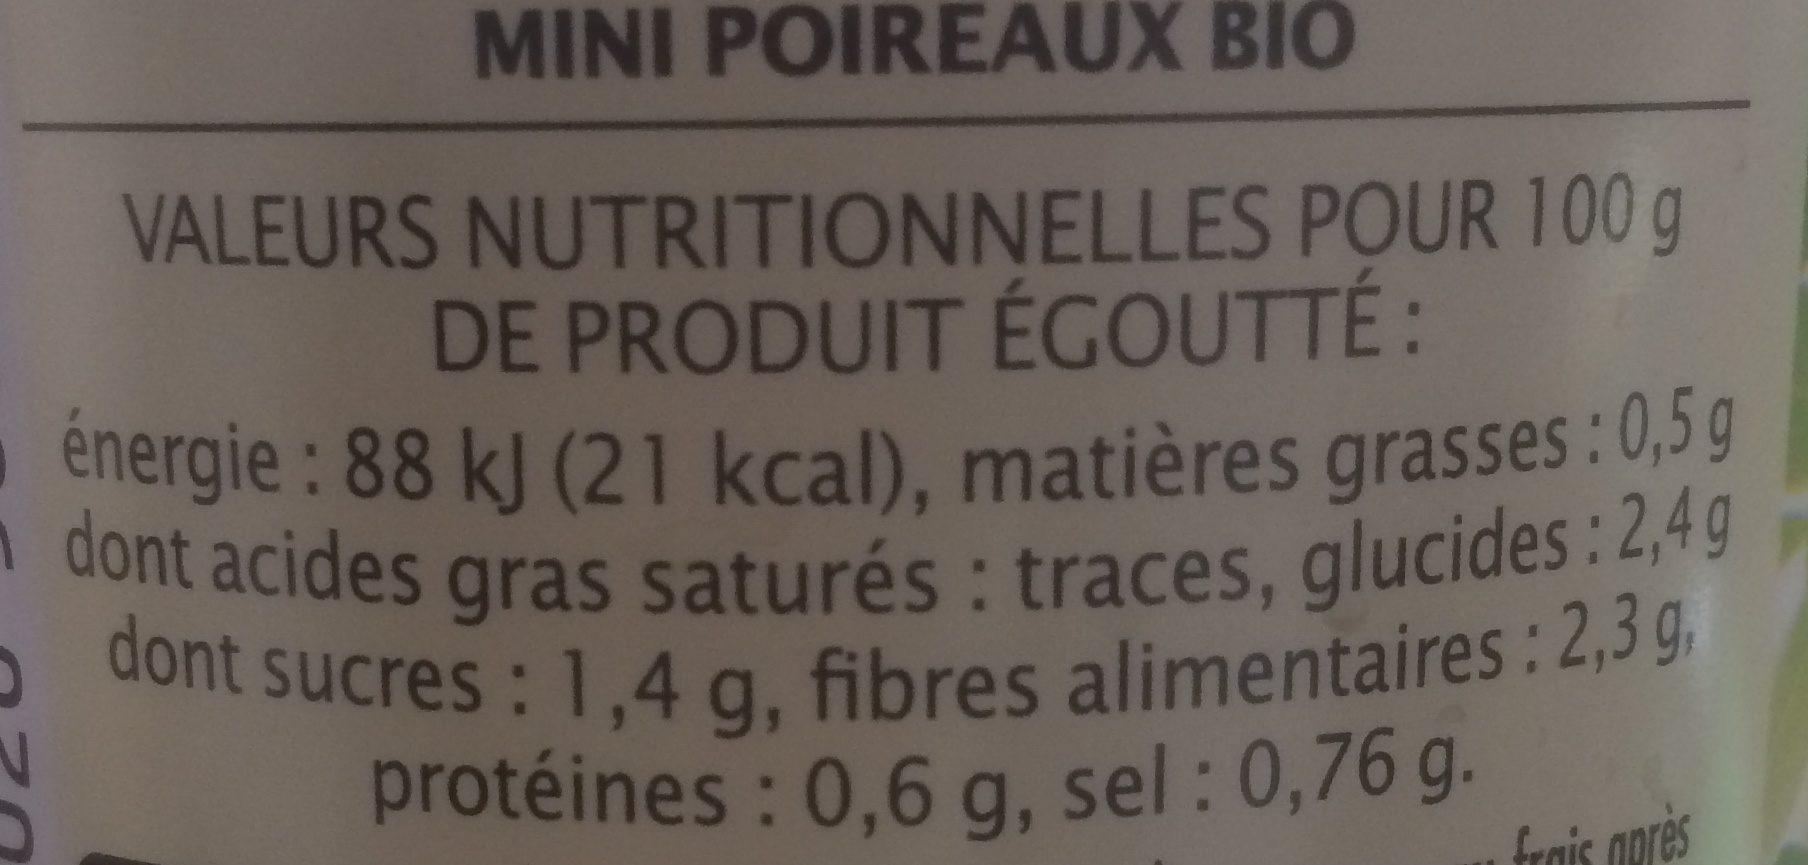 Mini-poireaux Bio - Składniki - fr